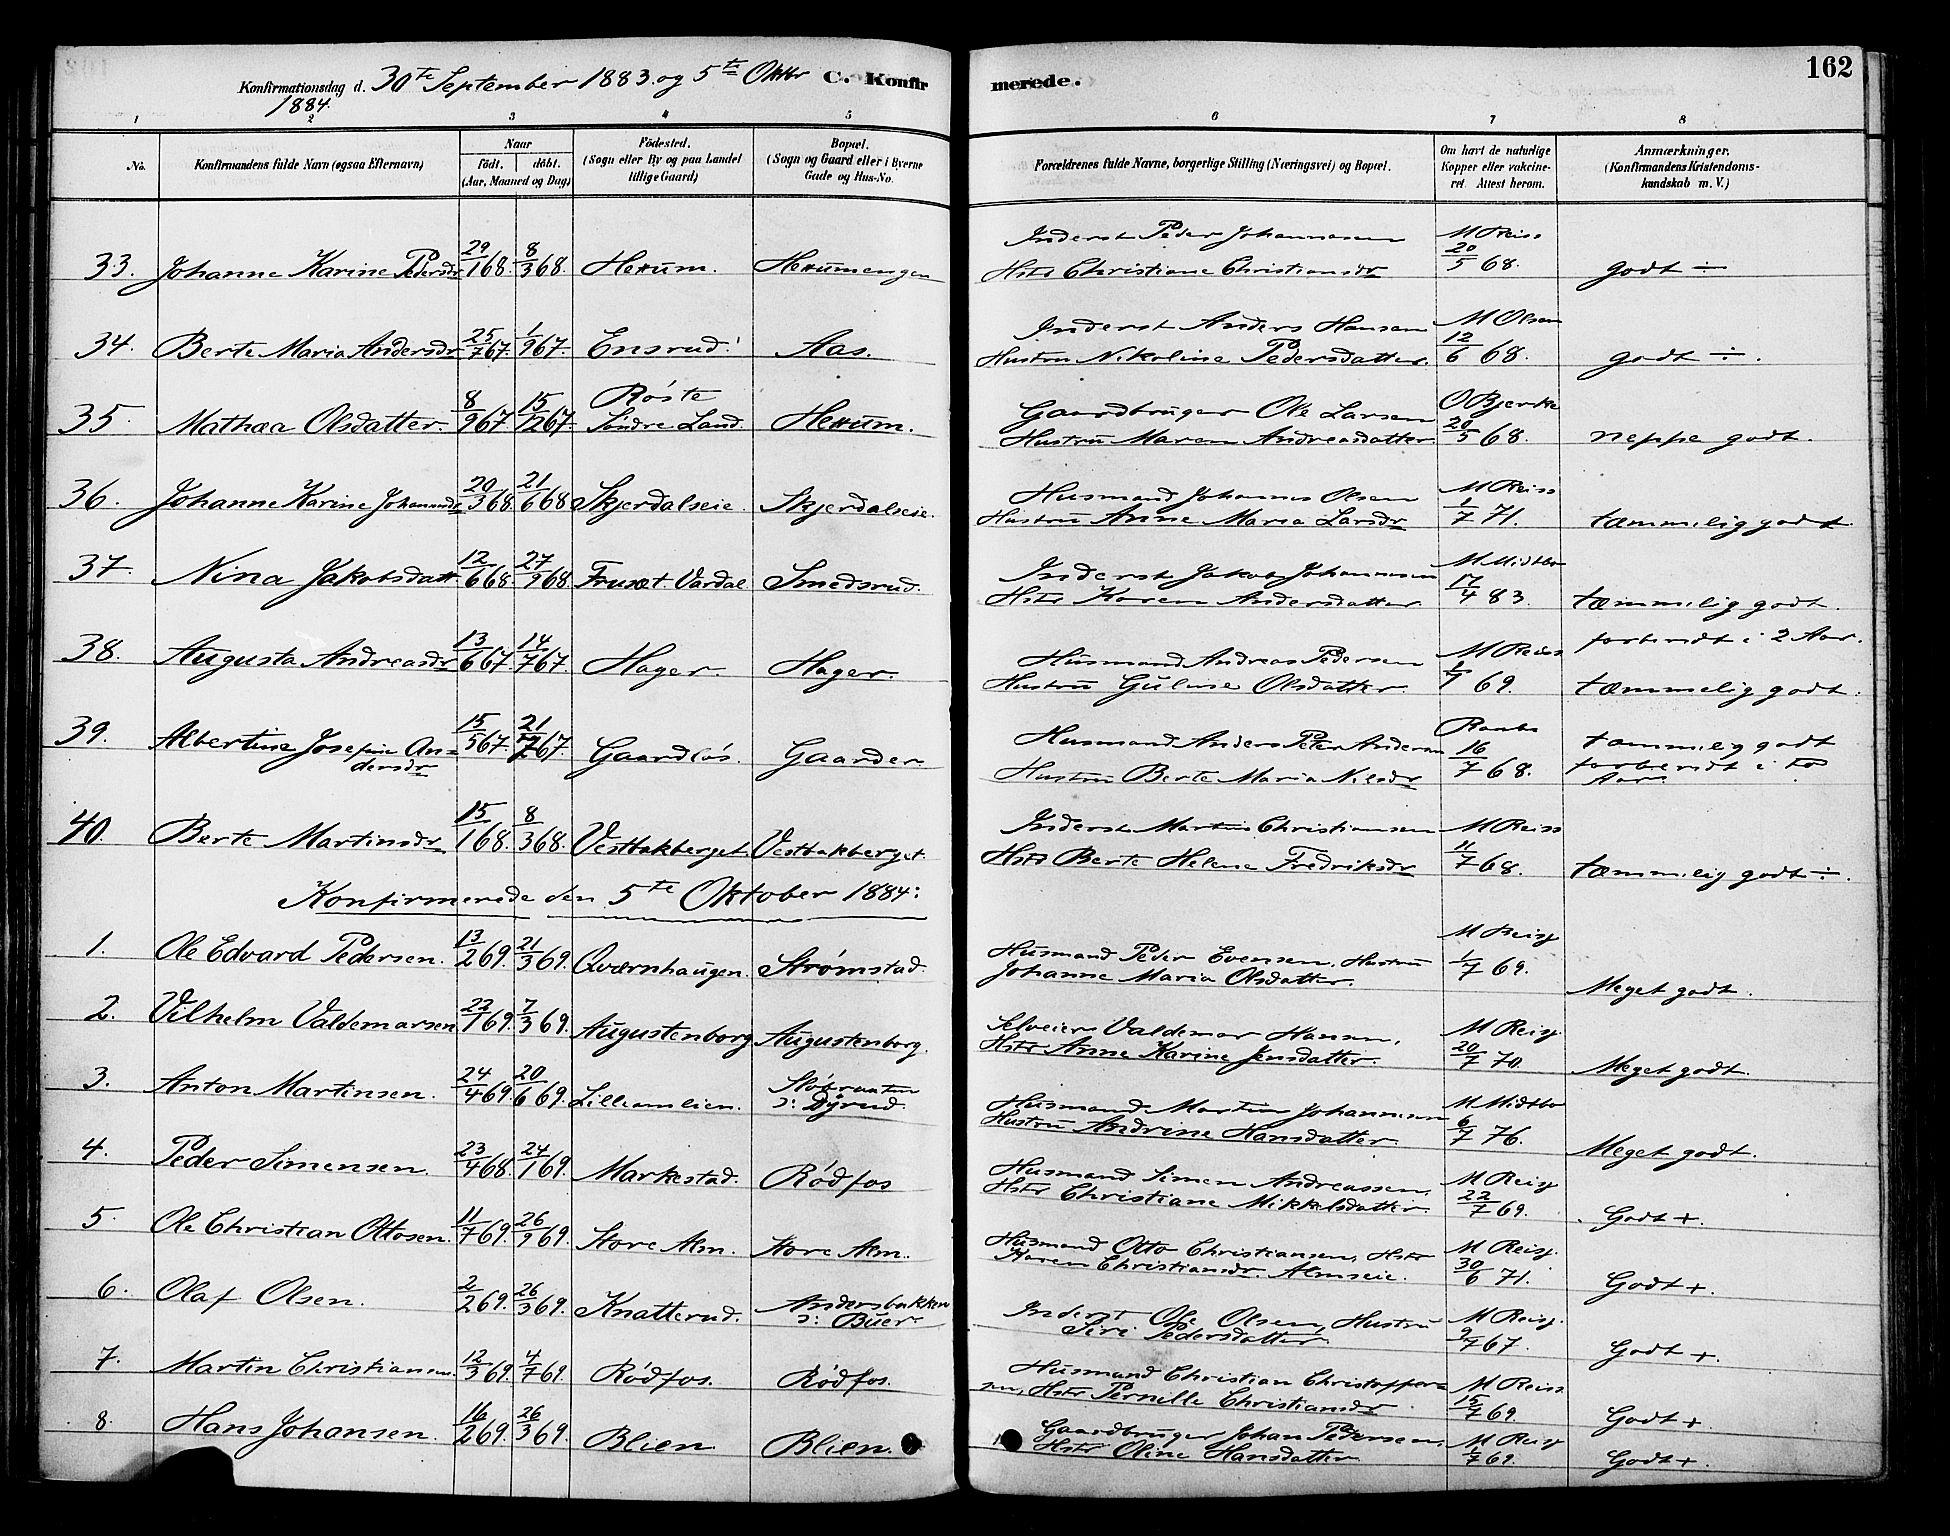 SAH, Vestre Toten prestekontor, Ministerialbok nr. 9, 1878-1894, s. 162